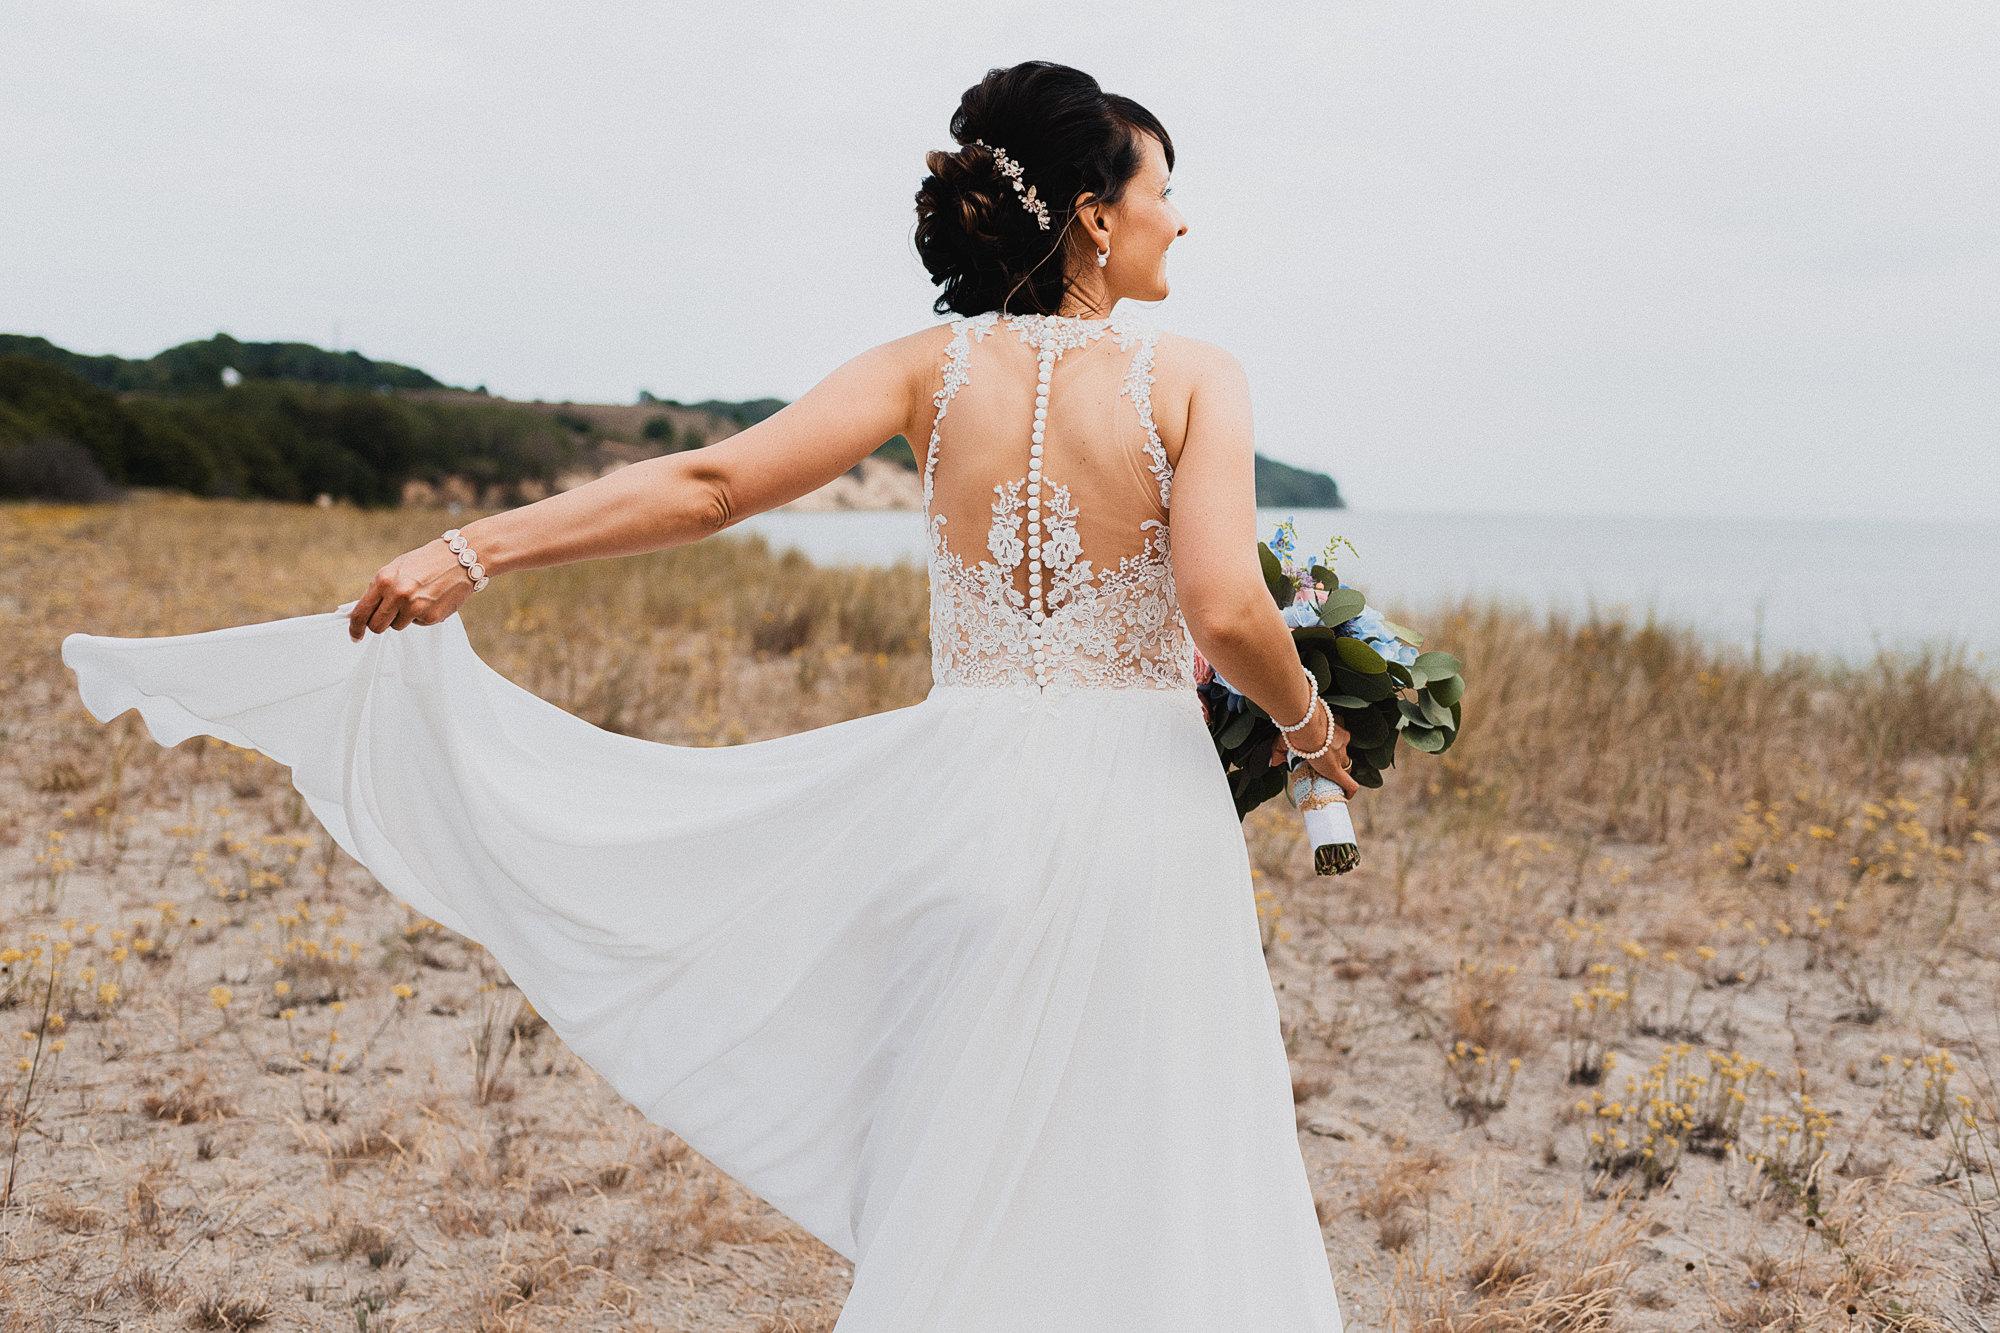 Strandhochzeit Göhren - Hochzeitsfotograf Rügen - Fotograf Ostsee - Hochzeitsfotografie Binz - heiraten im Müther Turm Binz